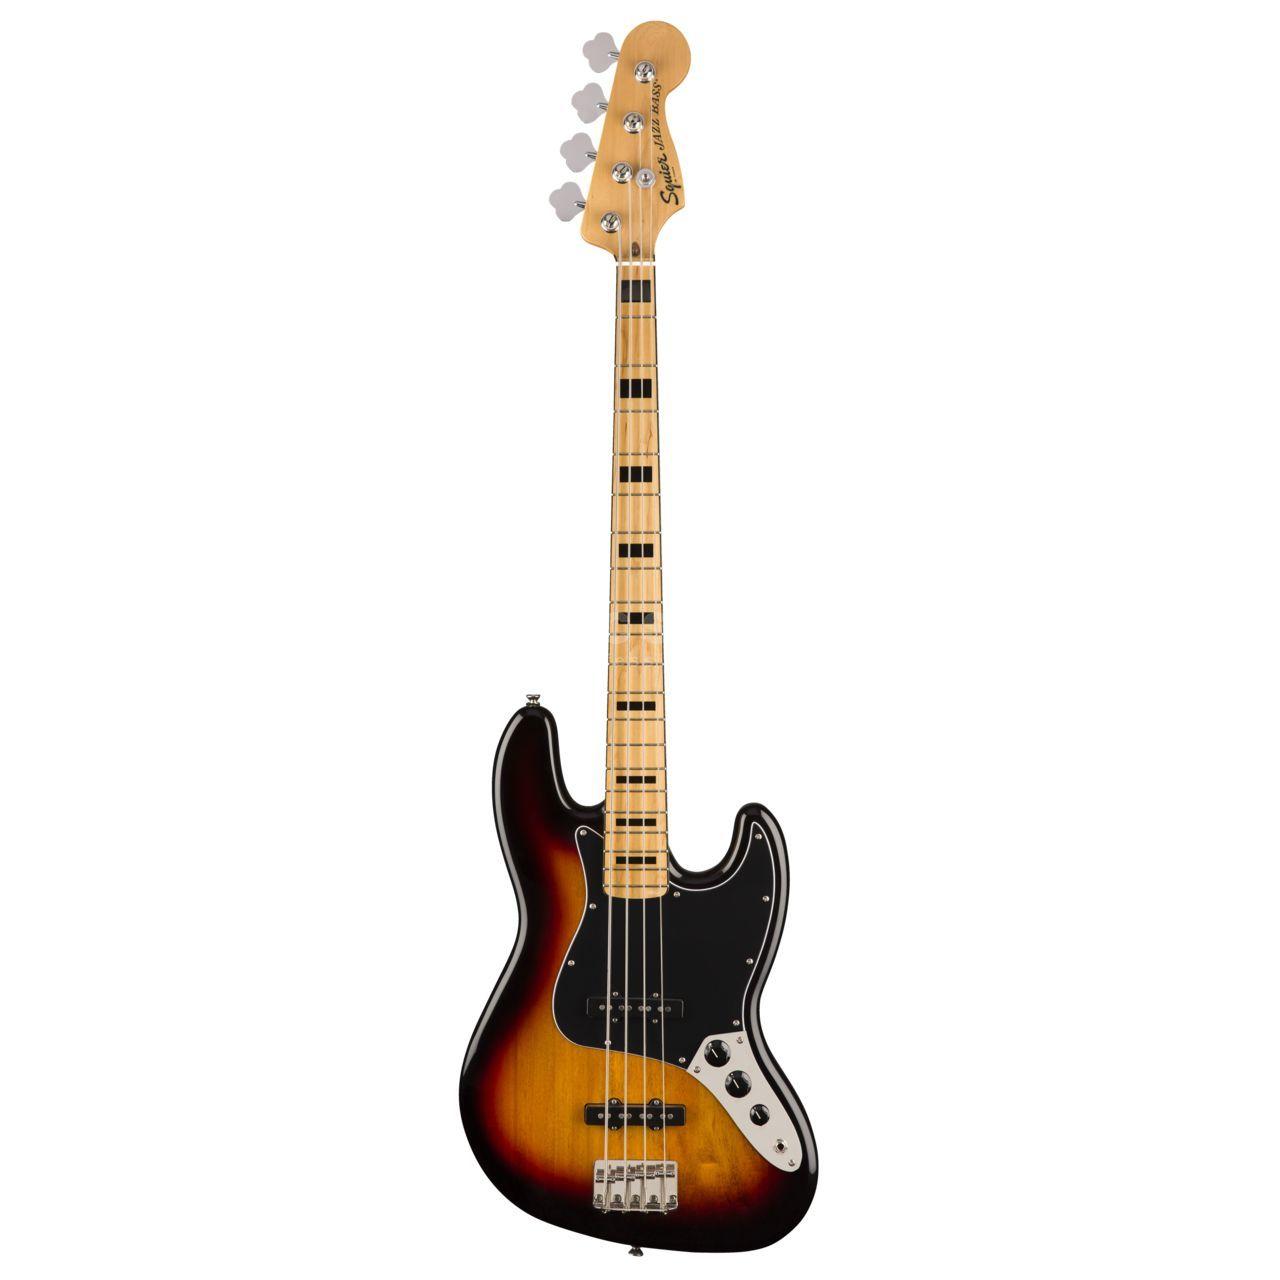 Fender Squier Jazz Bass Vintage